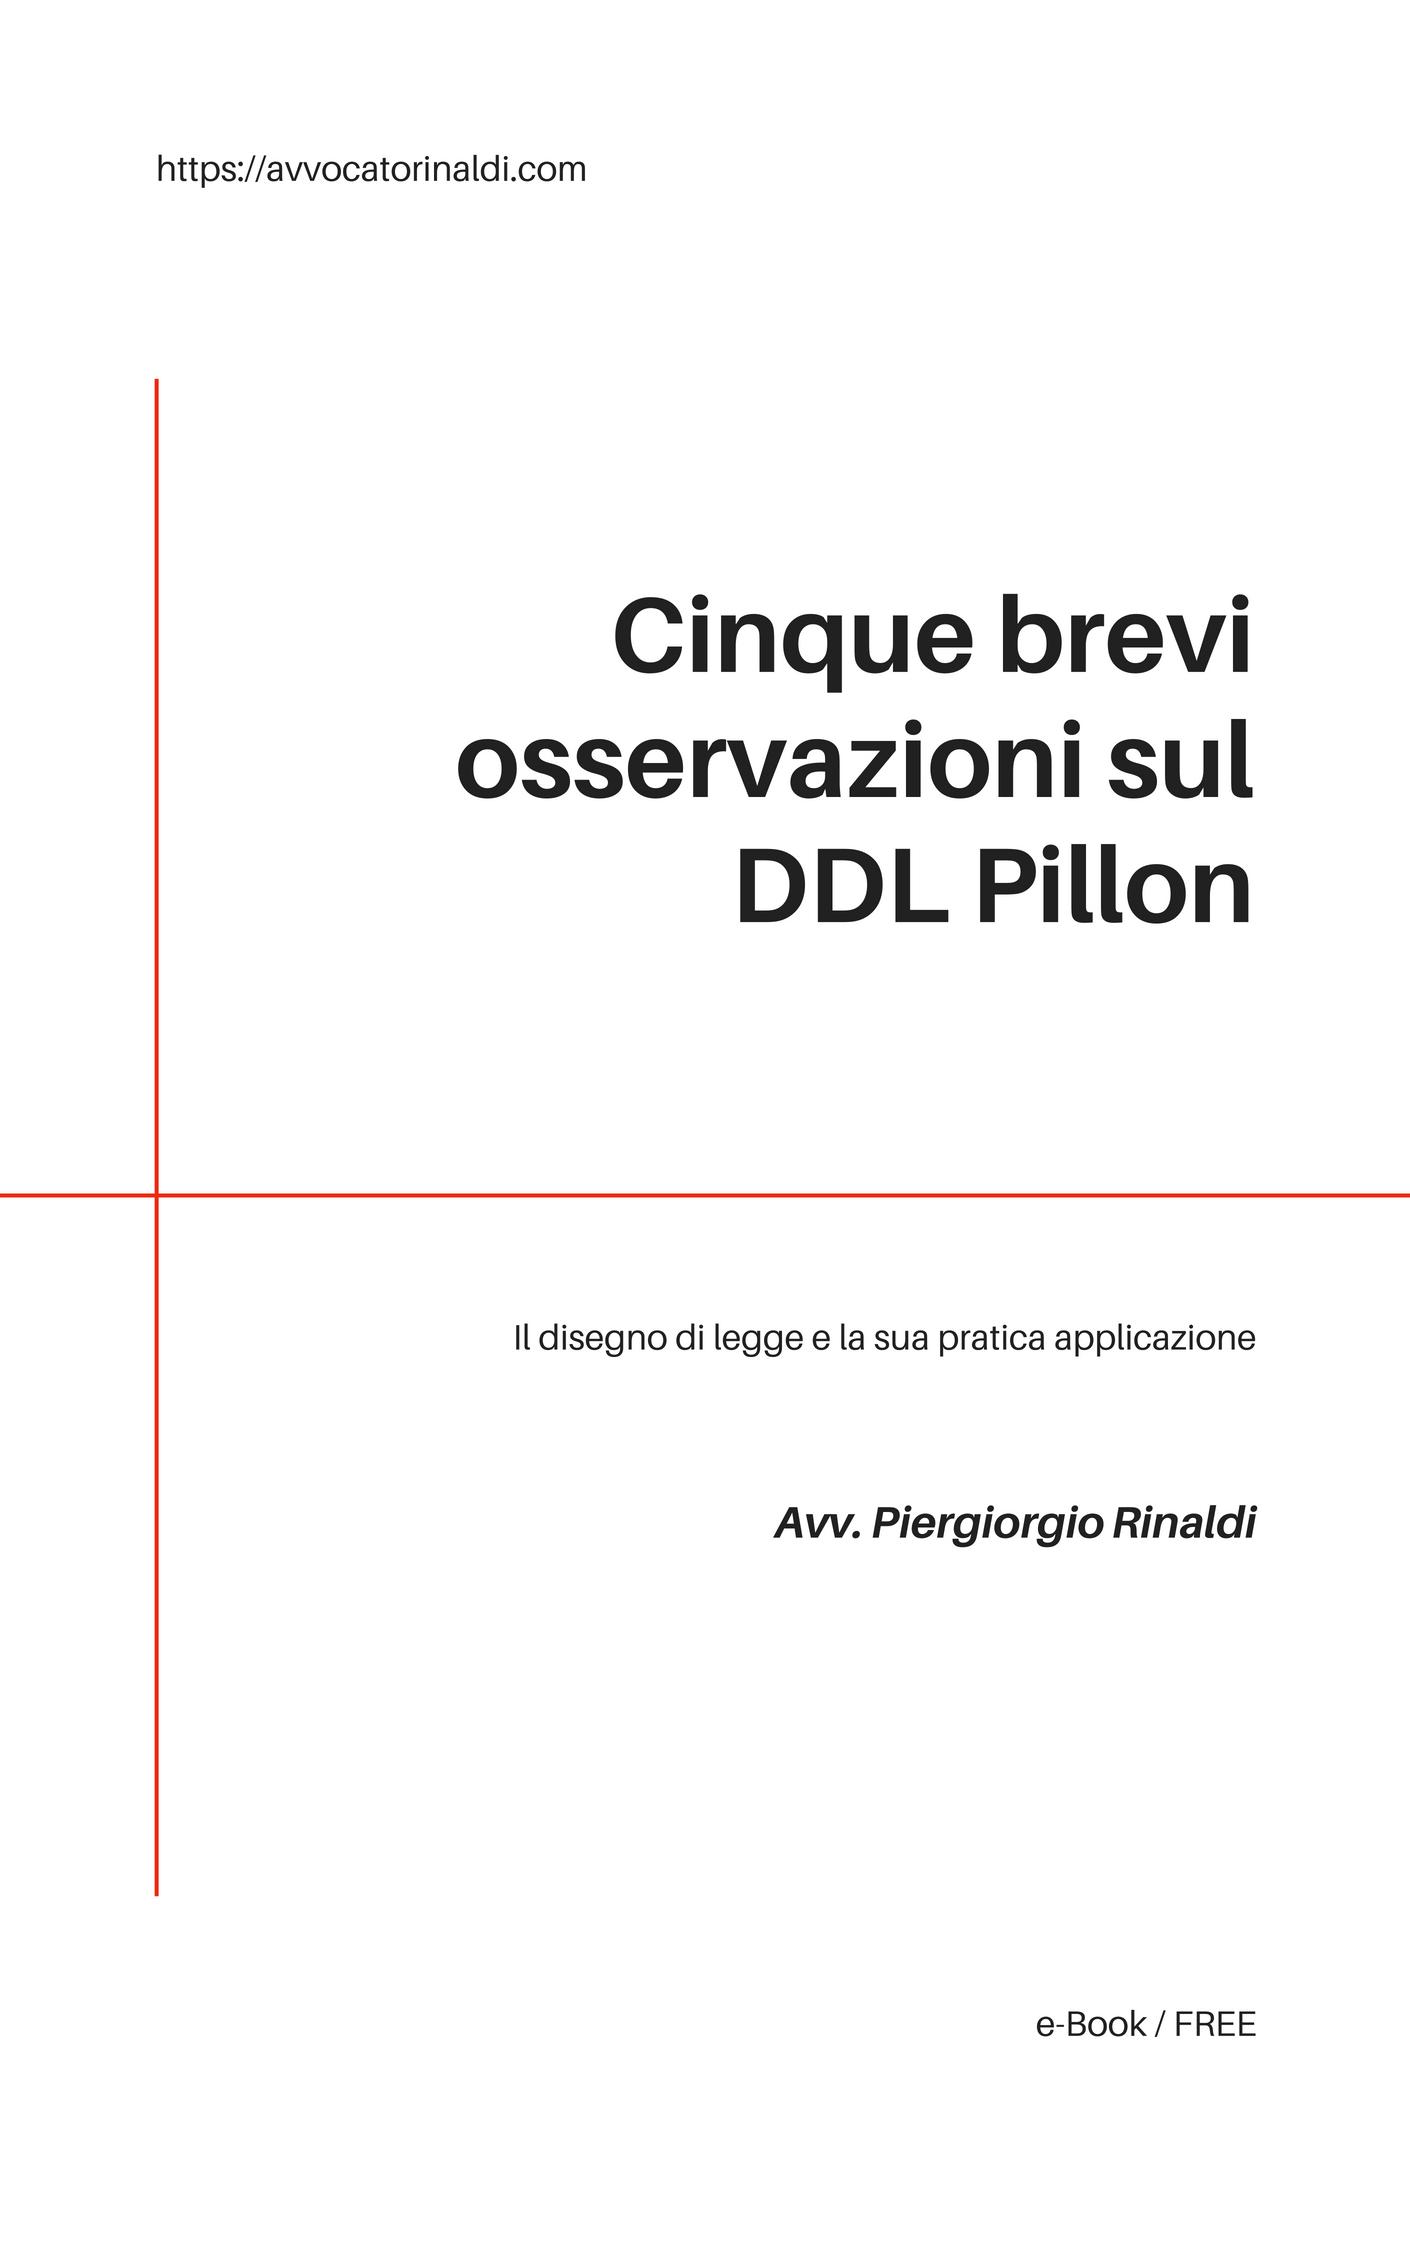 Il DDL Pillon